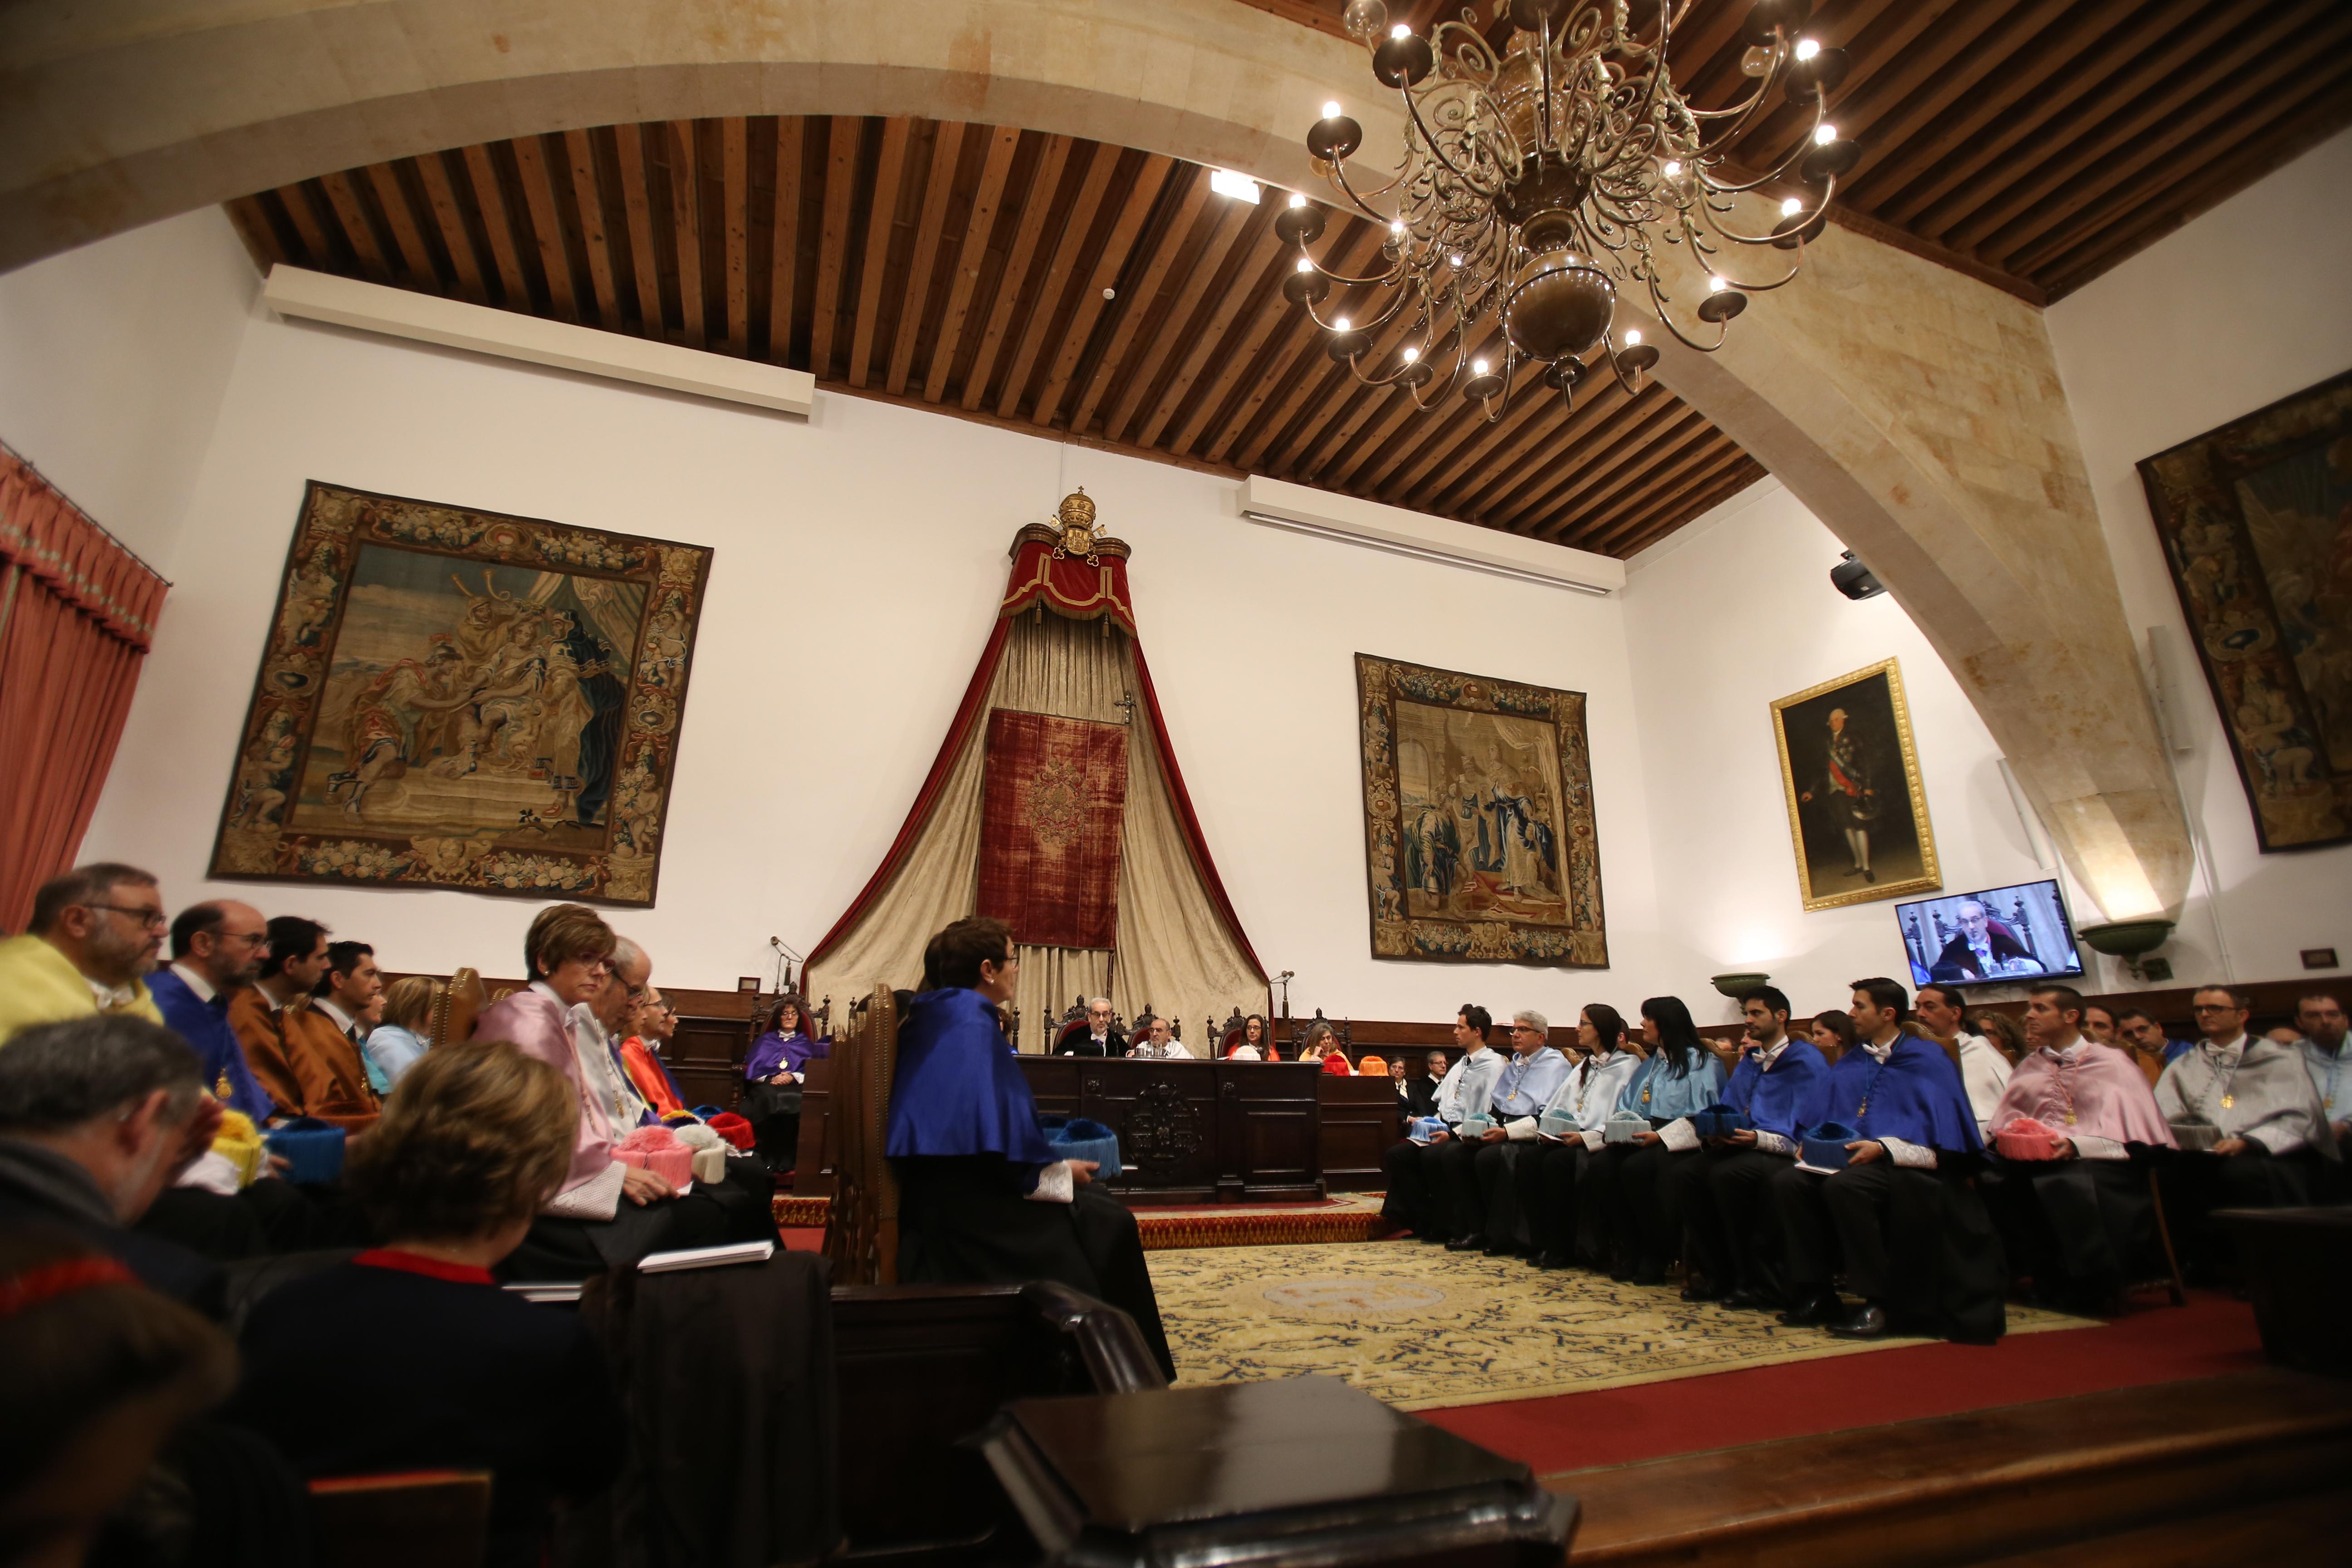 La Universidad de Salamanca celebra la sesión académica de la festividad de Santo Tomás de Aquino con la investidura de 18 nuevos doctores